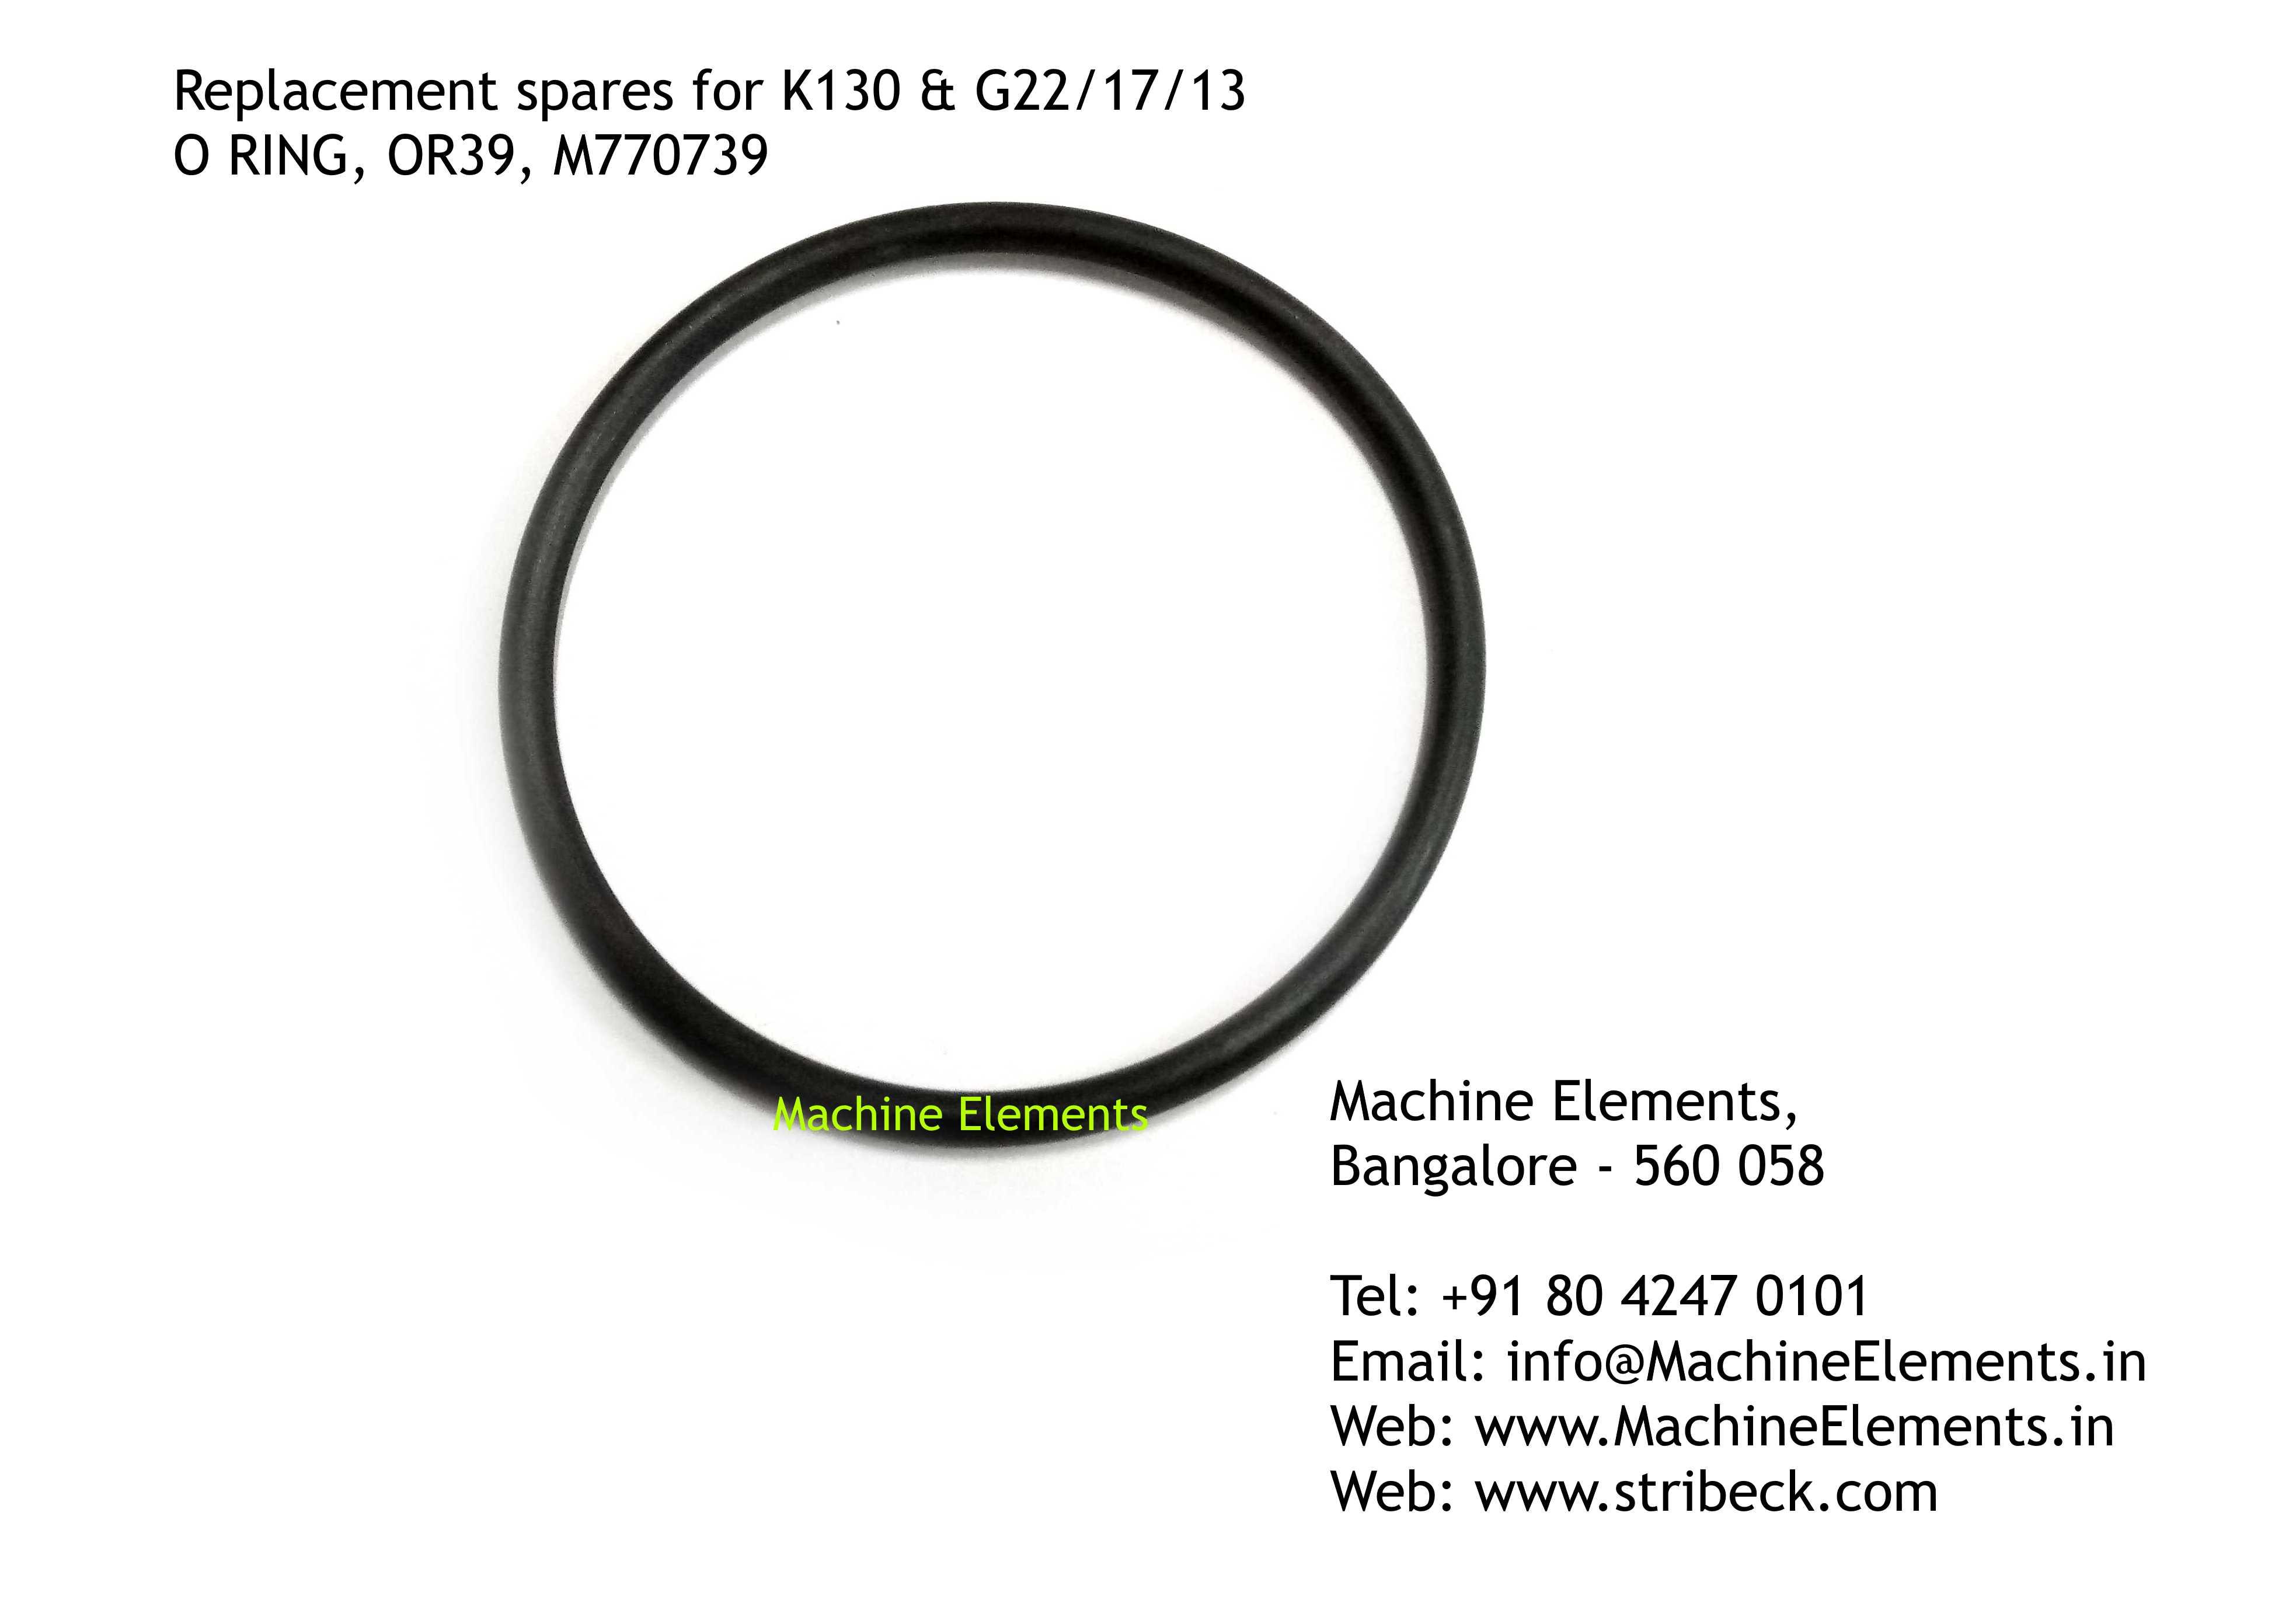 O RING, OR39, M770739